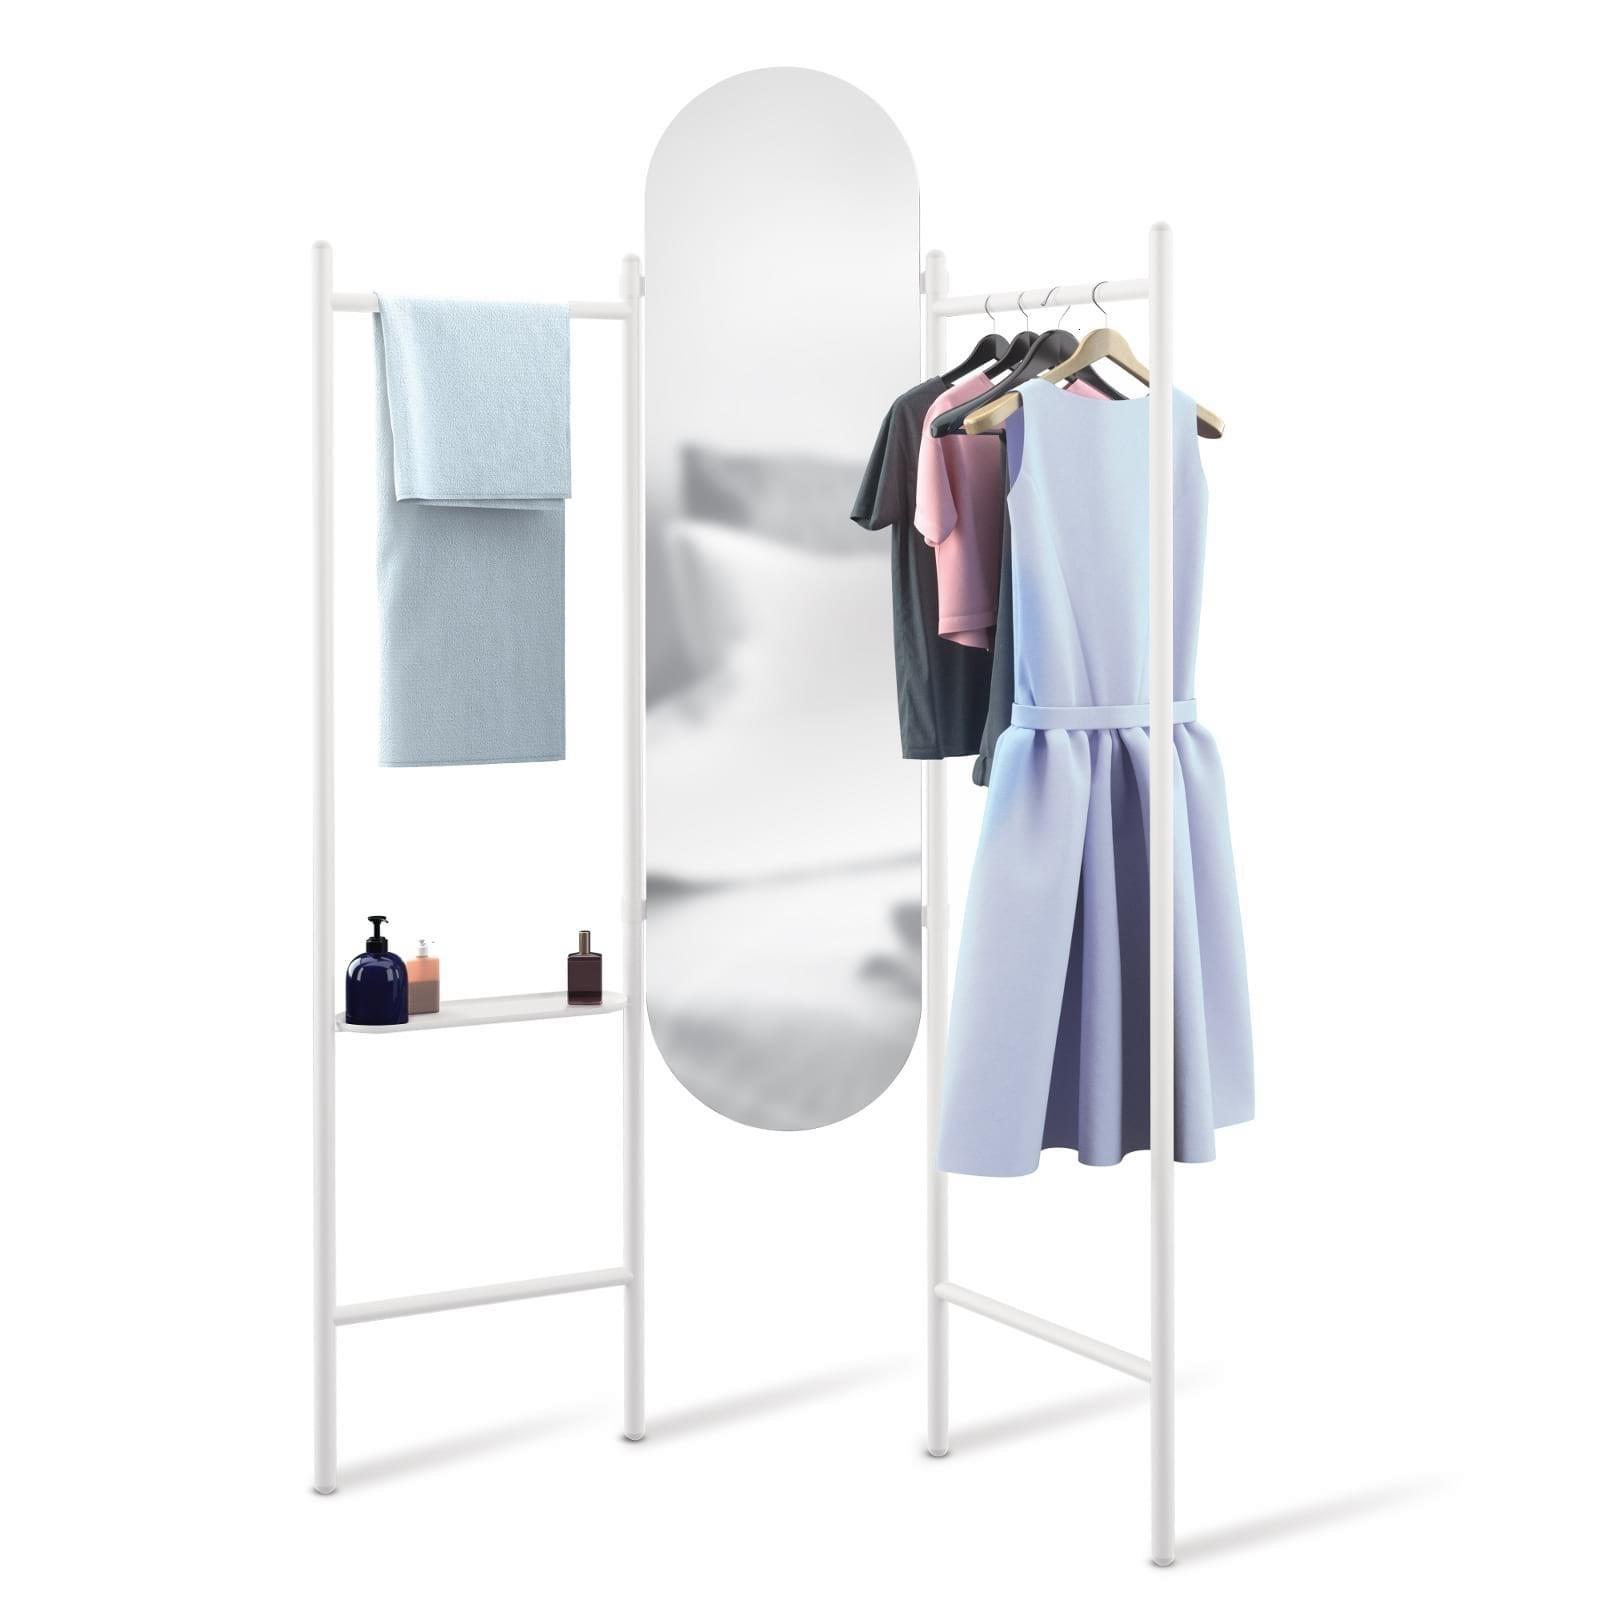 Καθρέφτης Δαπέδου & Κρεμάστρα Vala (Λευκό) - Umbra